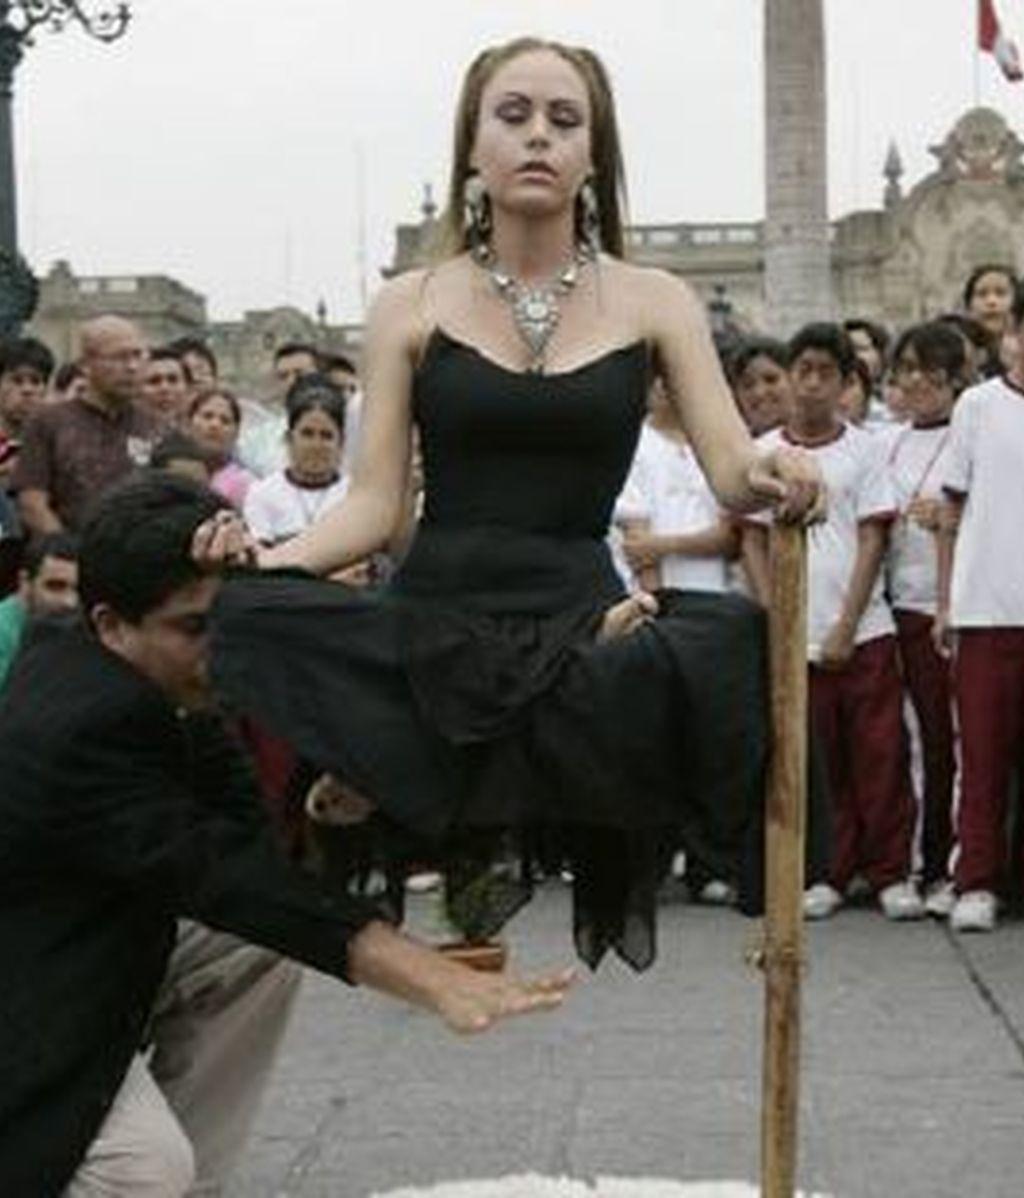 """La ilusionista peruana Claudia Pacheco """"Princesa Inca"""" realiza un acto de levitación hoy, 27 de marzo de 2009, en la Plaza de Armas de Lima (Perú). Foto: EFE"""